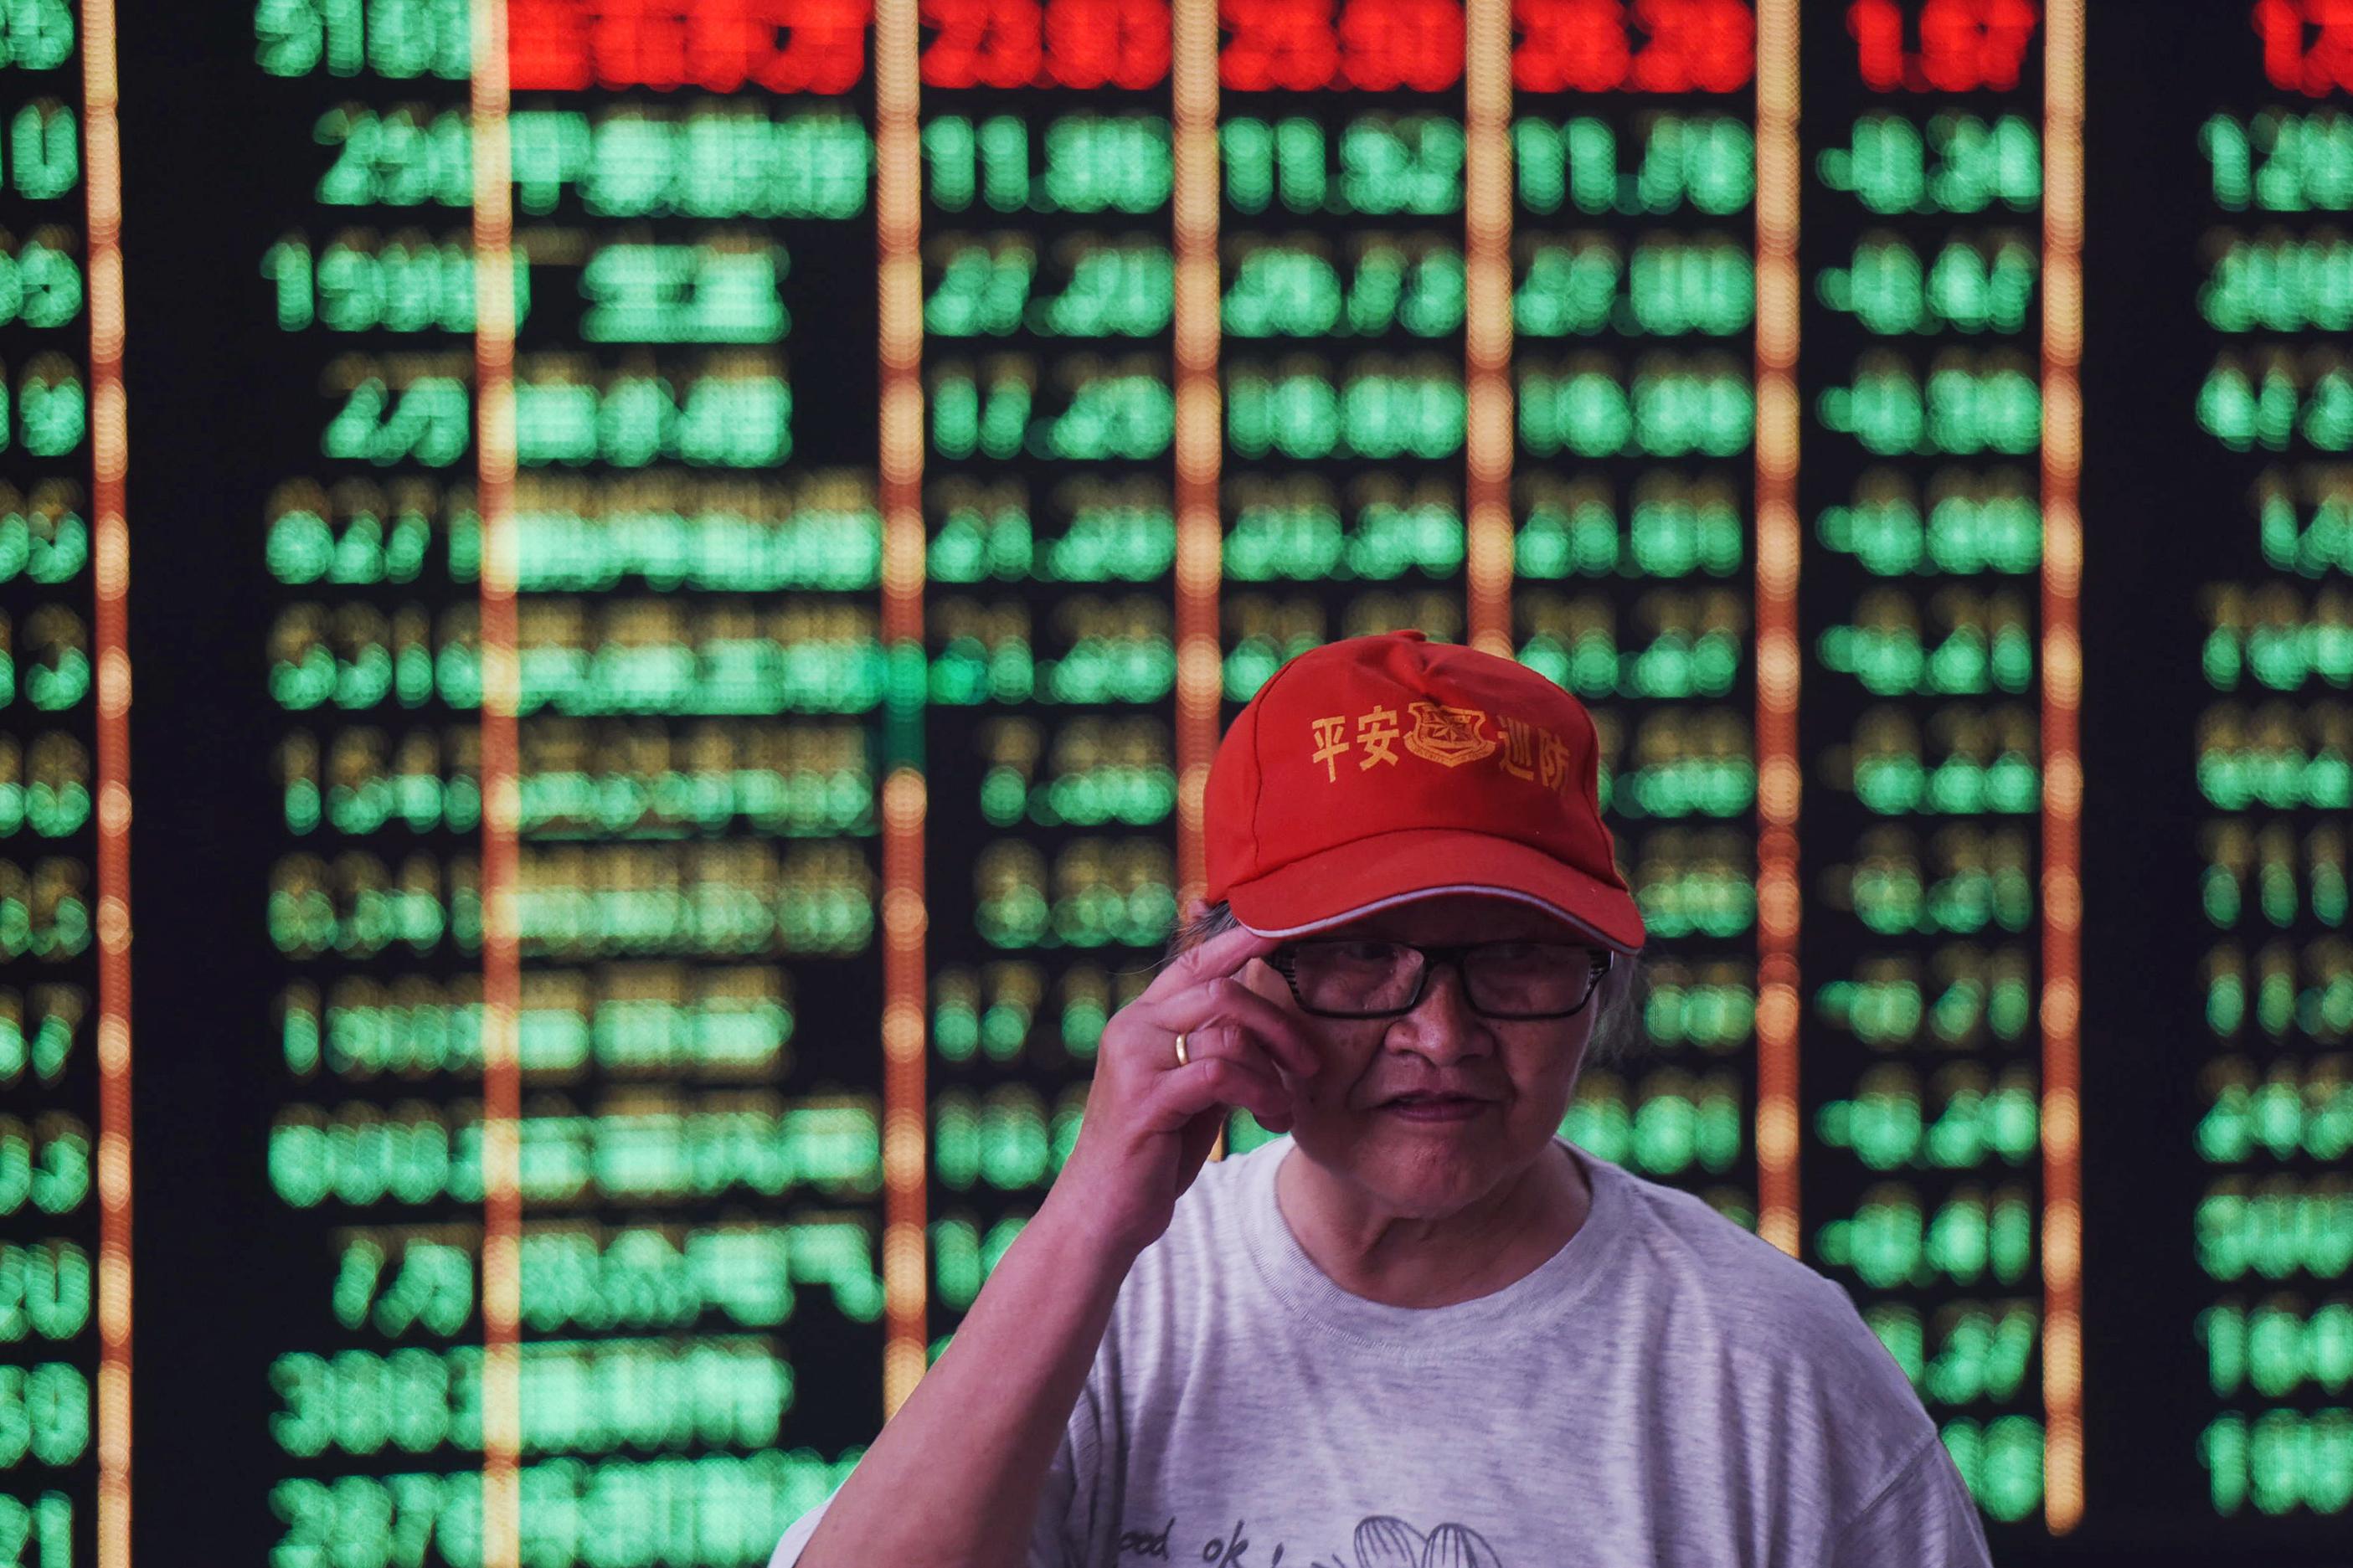 摩根大通下調中國股票 預測貿易戰全面爆發